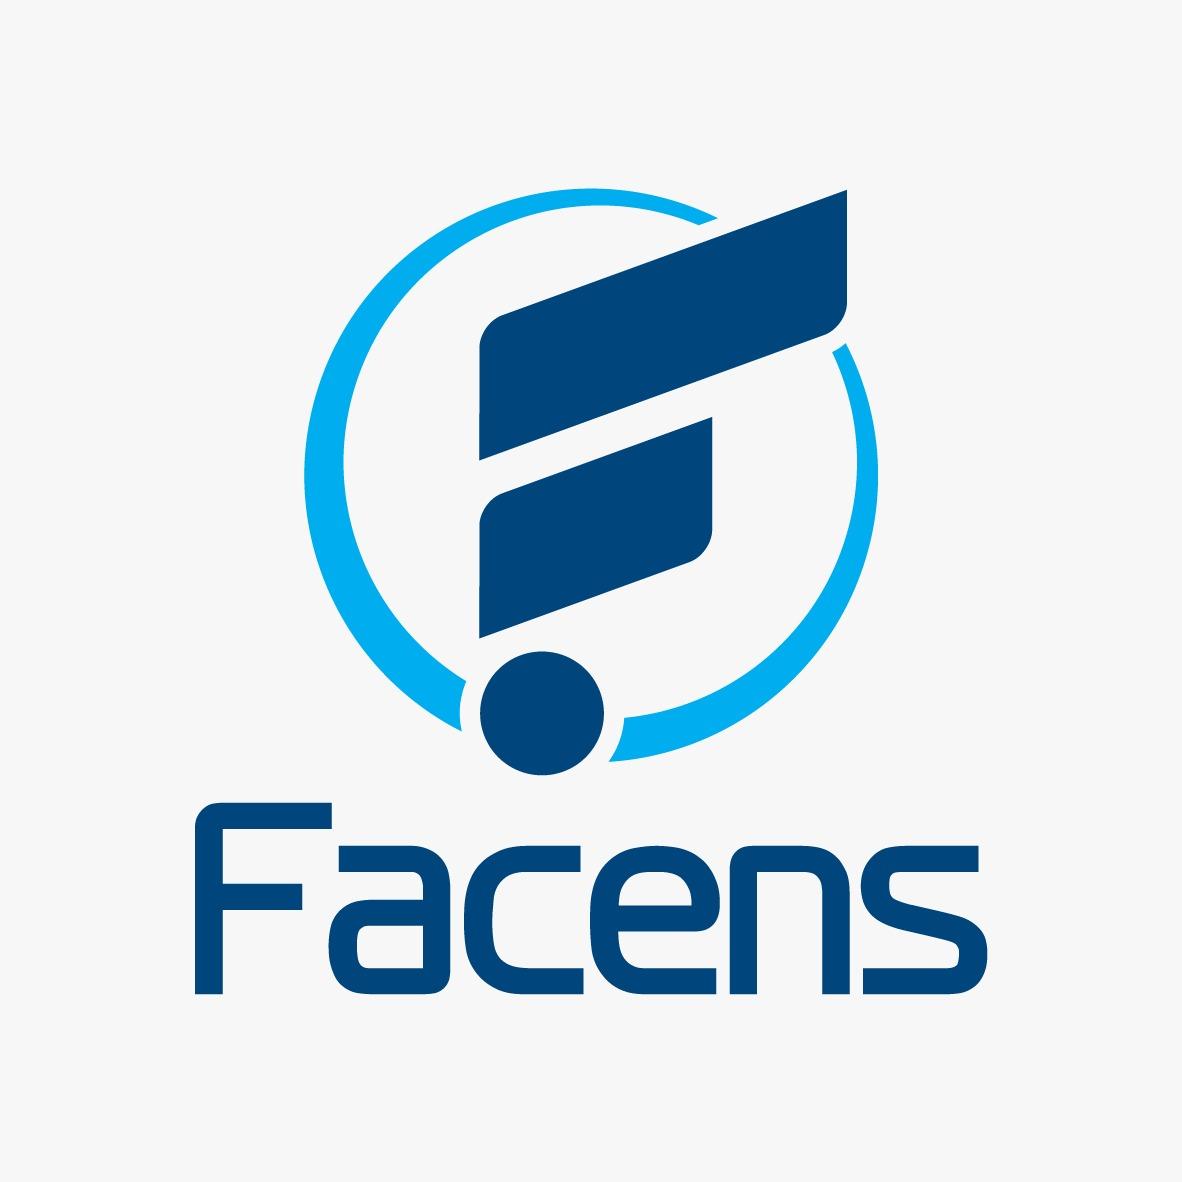 FACENS